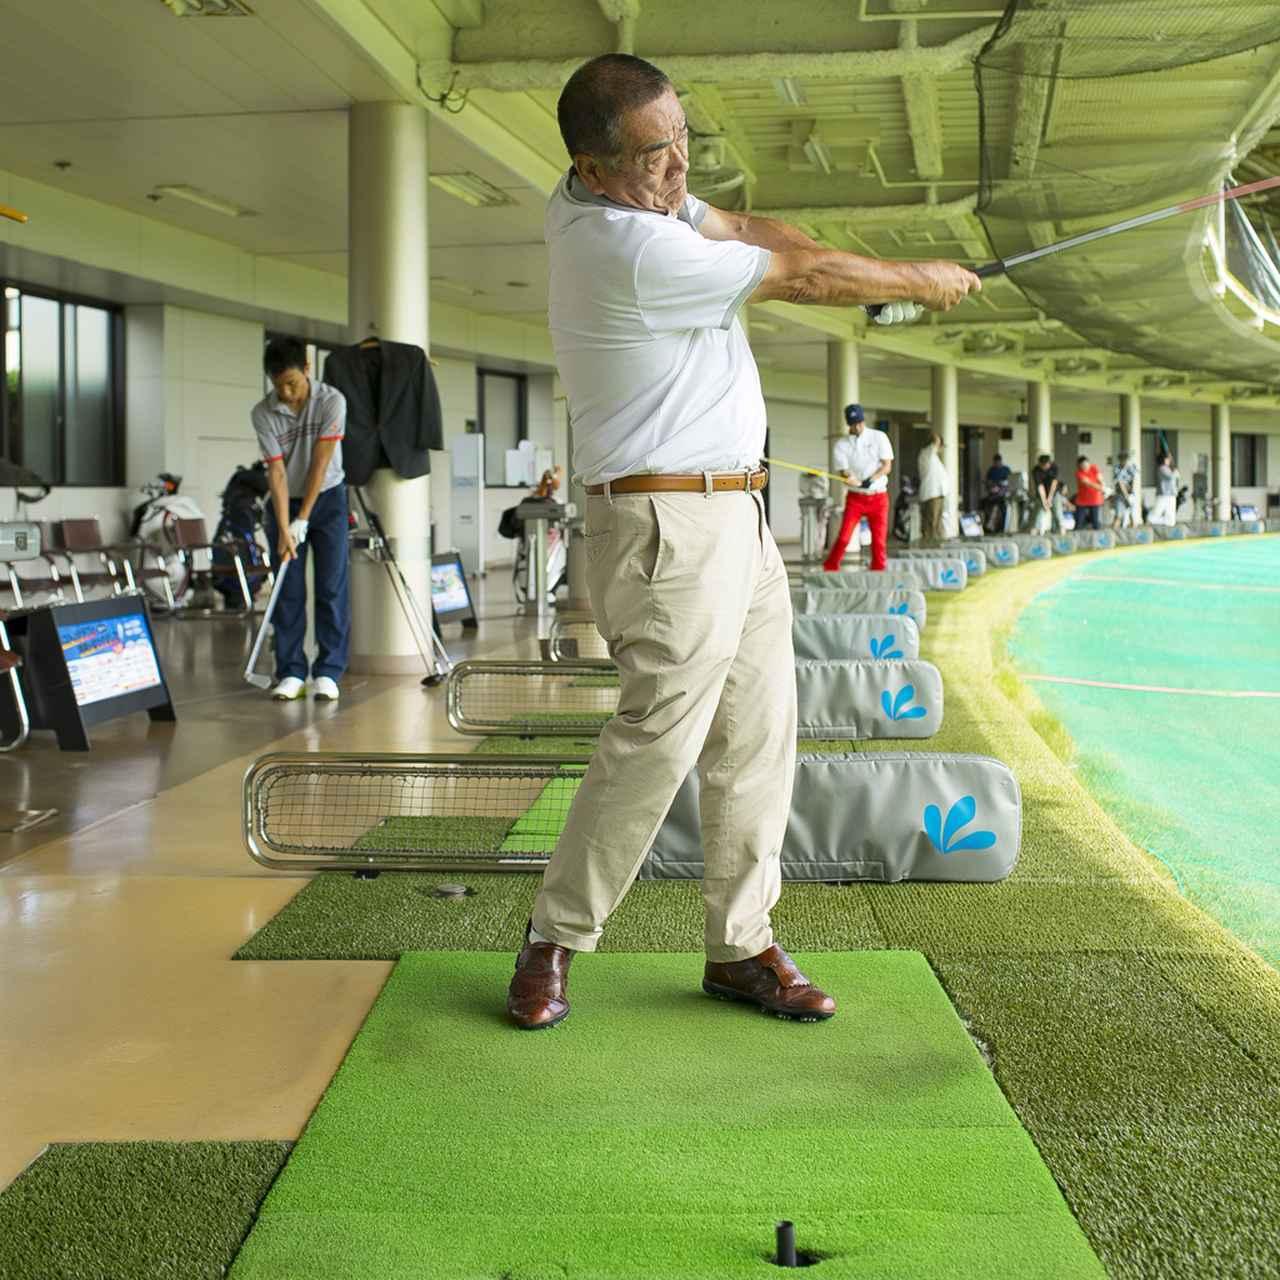 画像4: ベテランゴルファーだけあって、スウィングはまとまっているように見えるが…当たってもスライスするから、思い切って振れないという平瀬さん